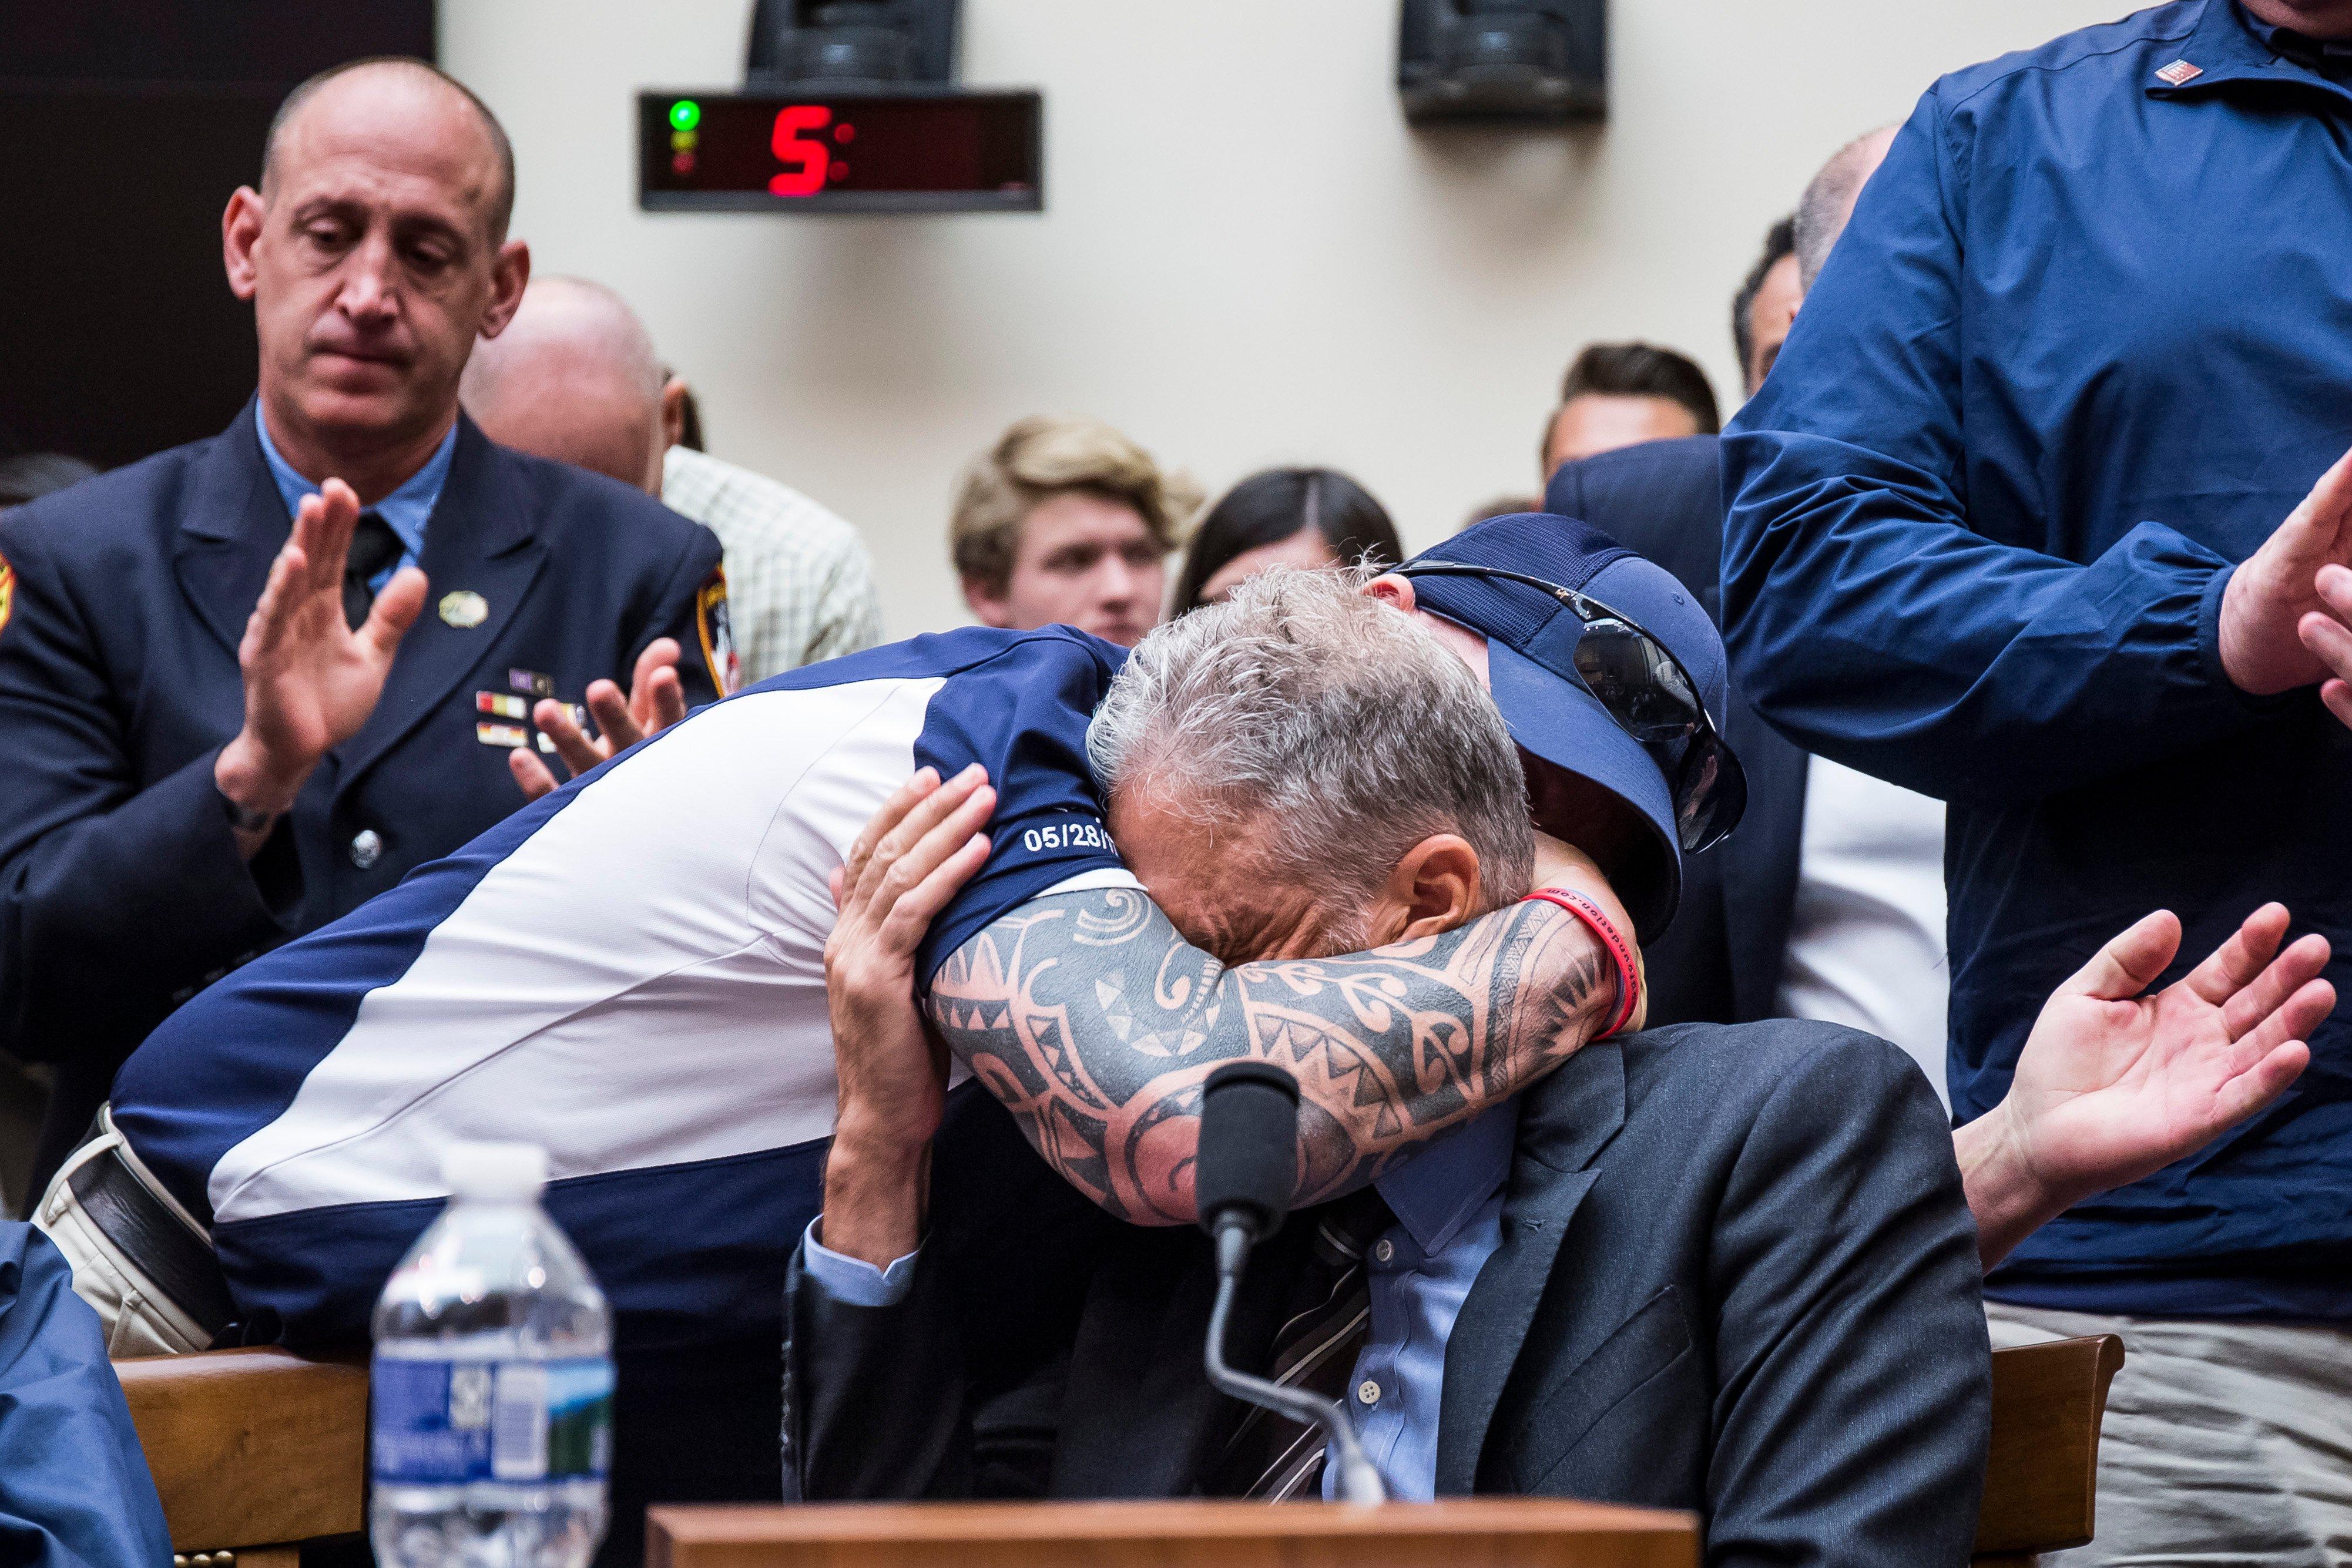 Jon Stewart addresses Congress